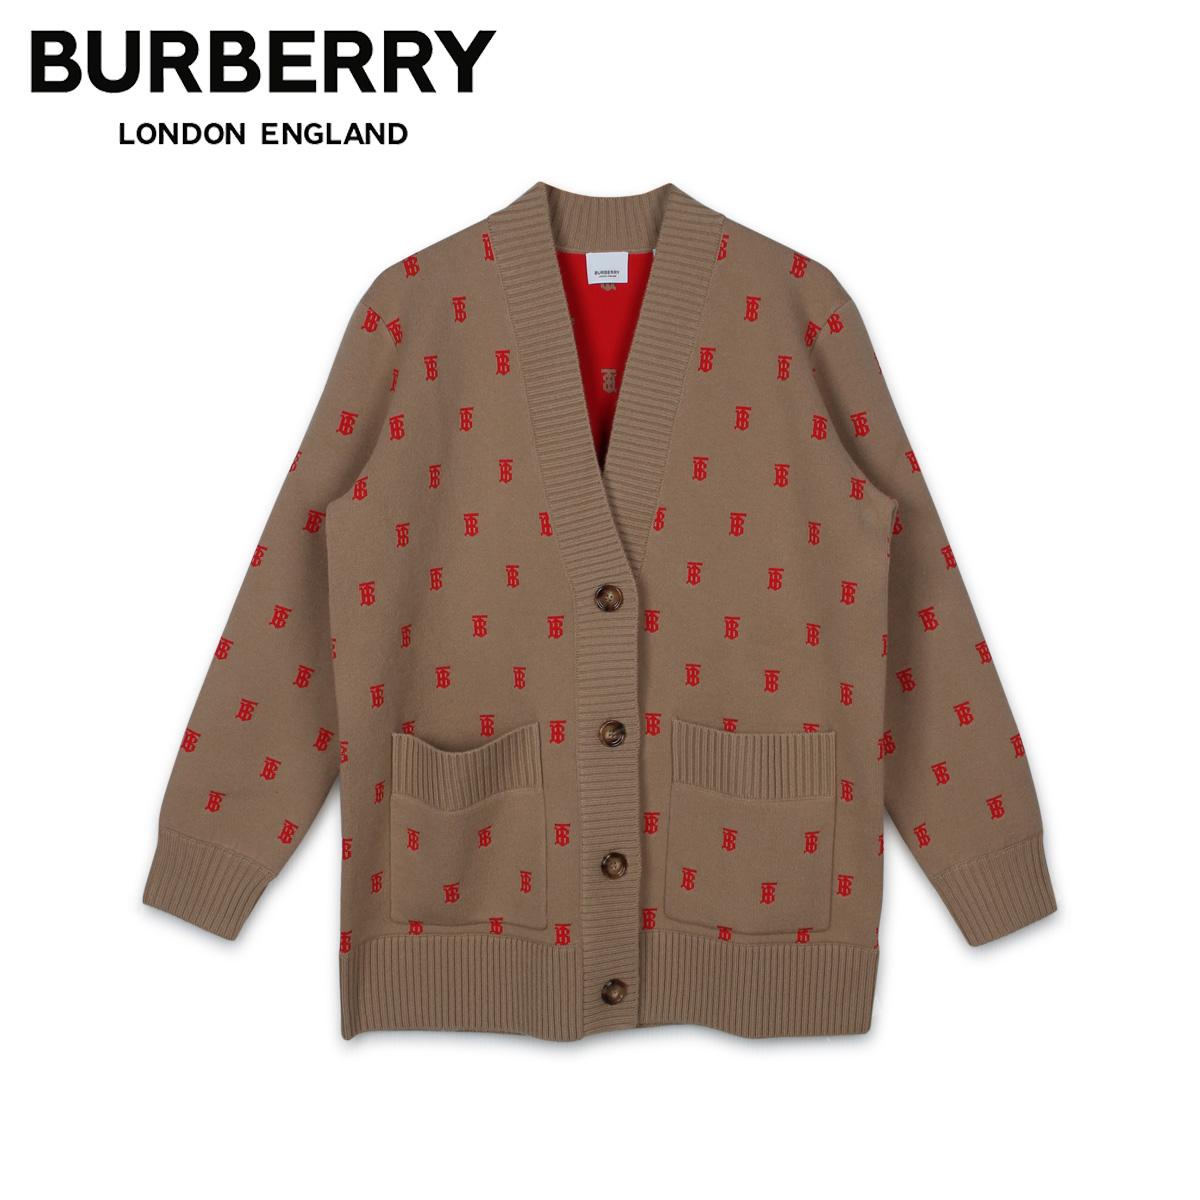 BURBERRY バーバリー カーディガン レディース CARDIGAN ベージュ 8021032